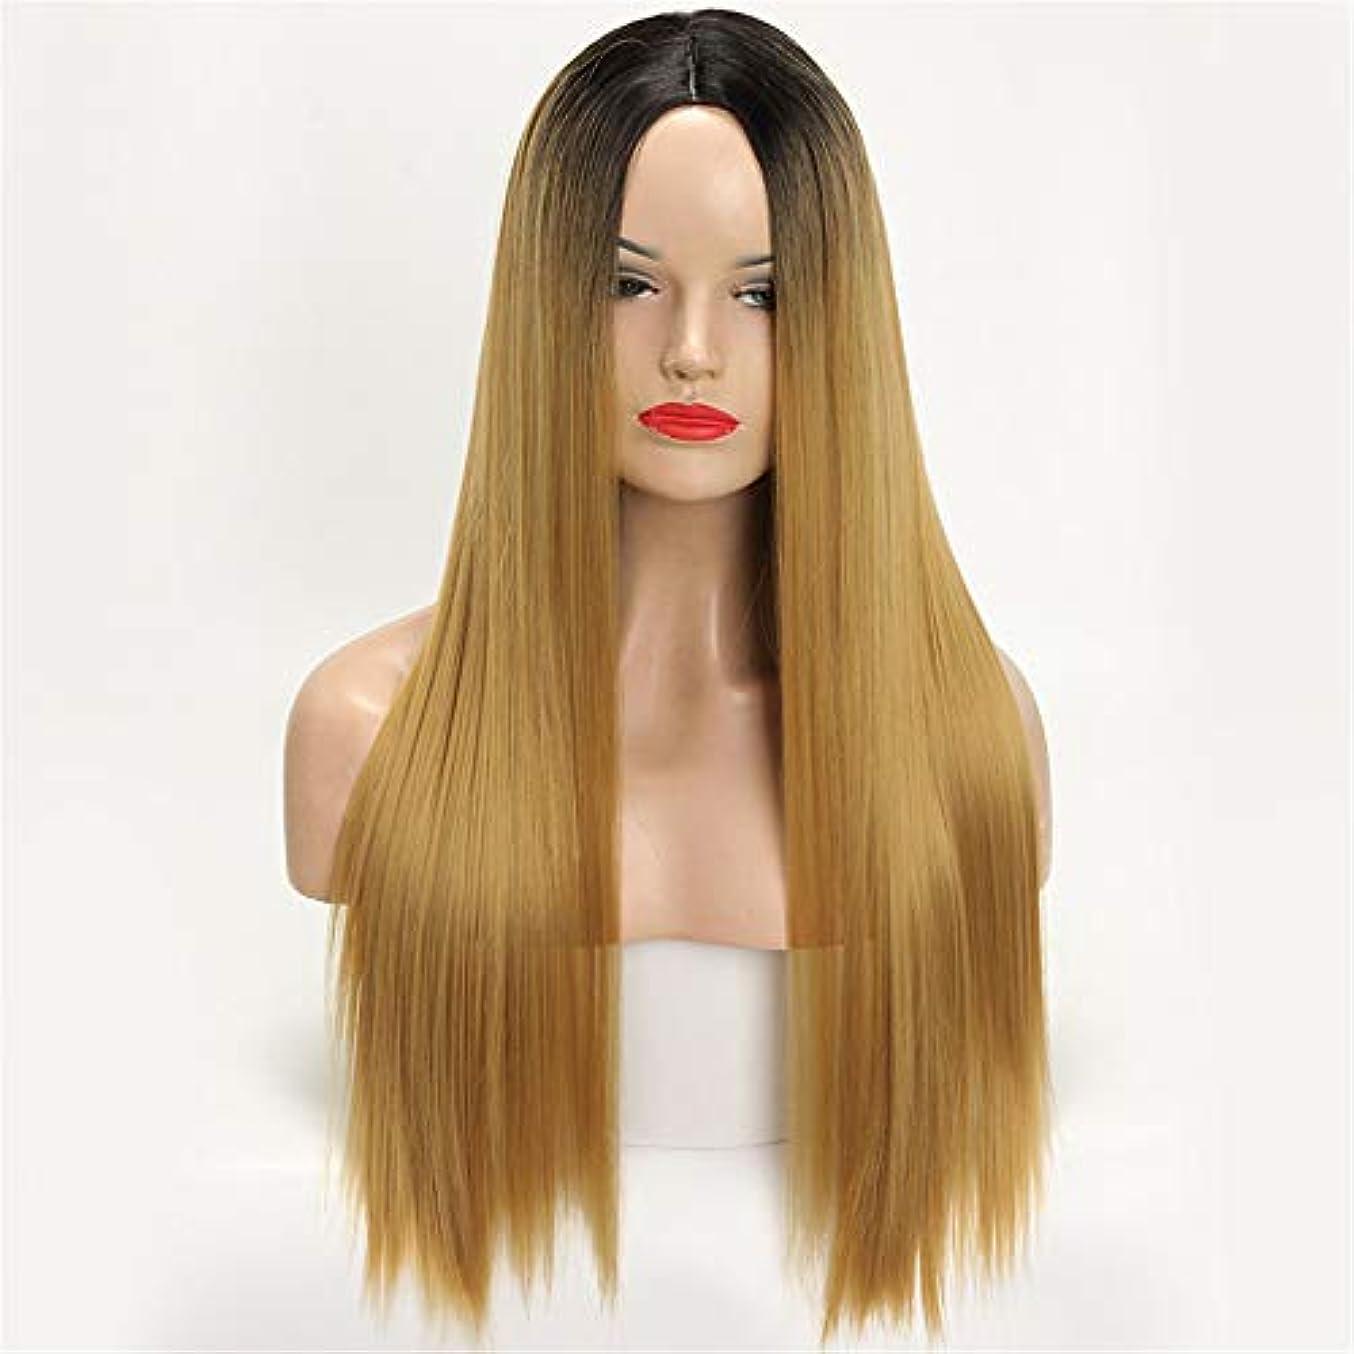 人間パン屋パイかつらロングストレートヘア女性勾配化学繊維フードオンブルブラックブロンドロングストレート高温合成繊維ウィッグ女性用ウィッグ30インチ